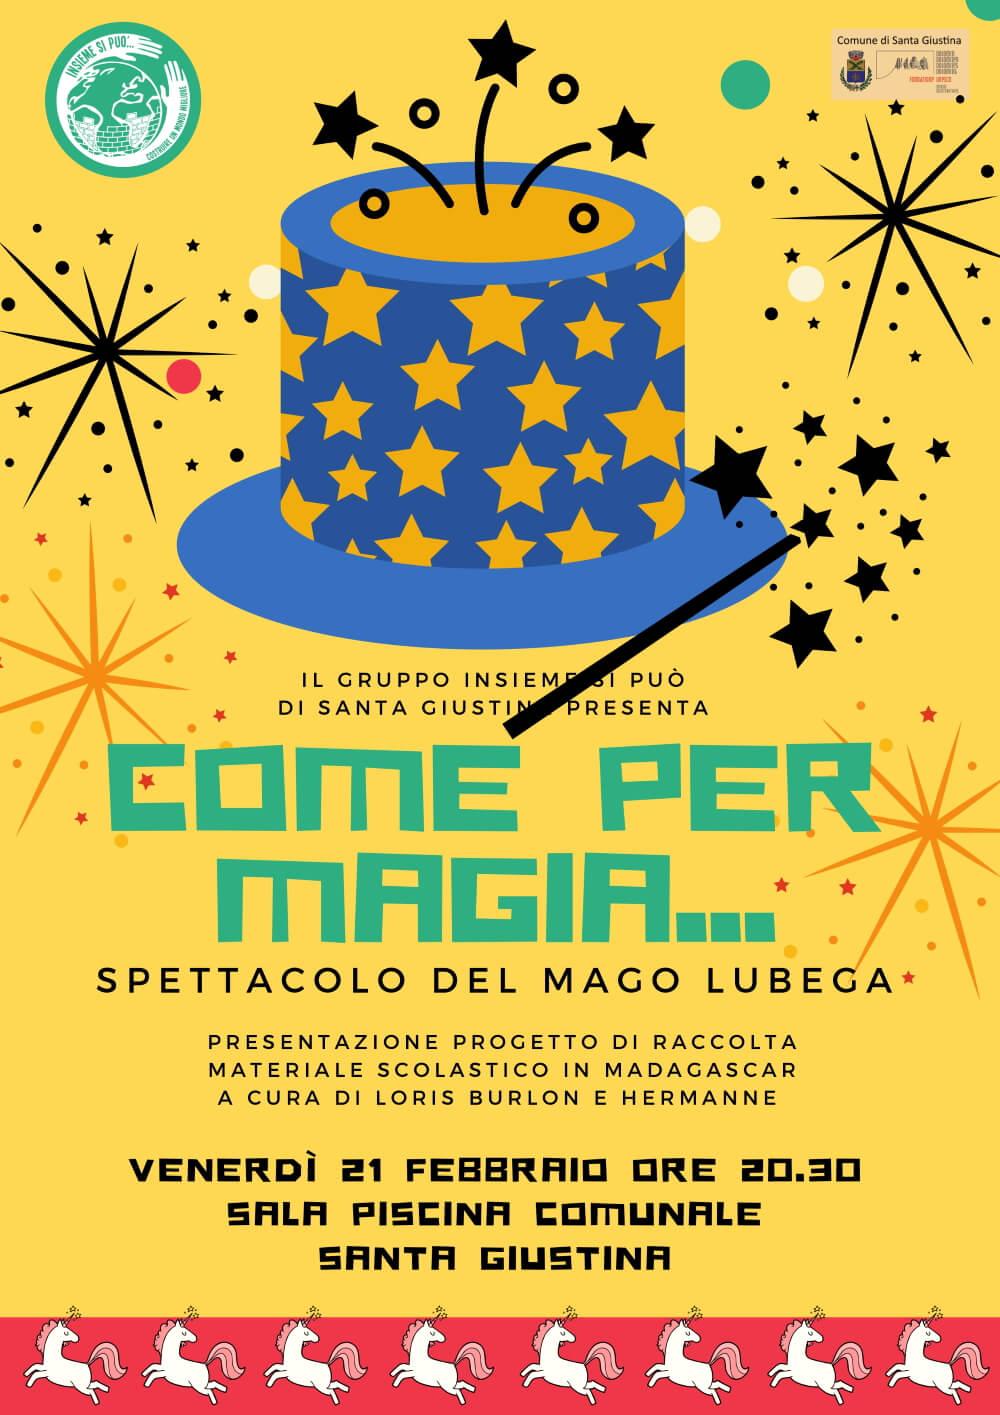 """Spettacolo """"Come per magia..."""" del mago Lubega a Santa Giustina"""